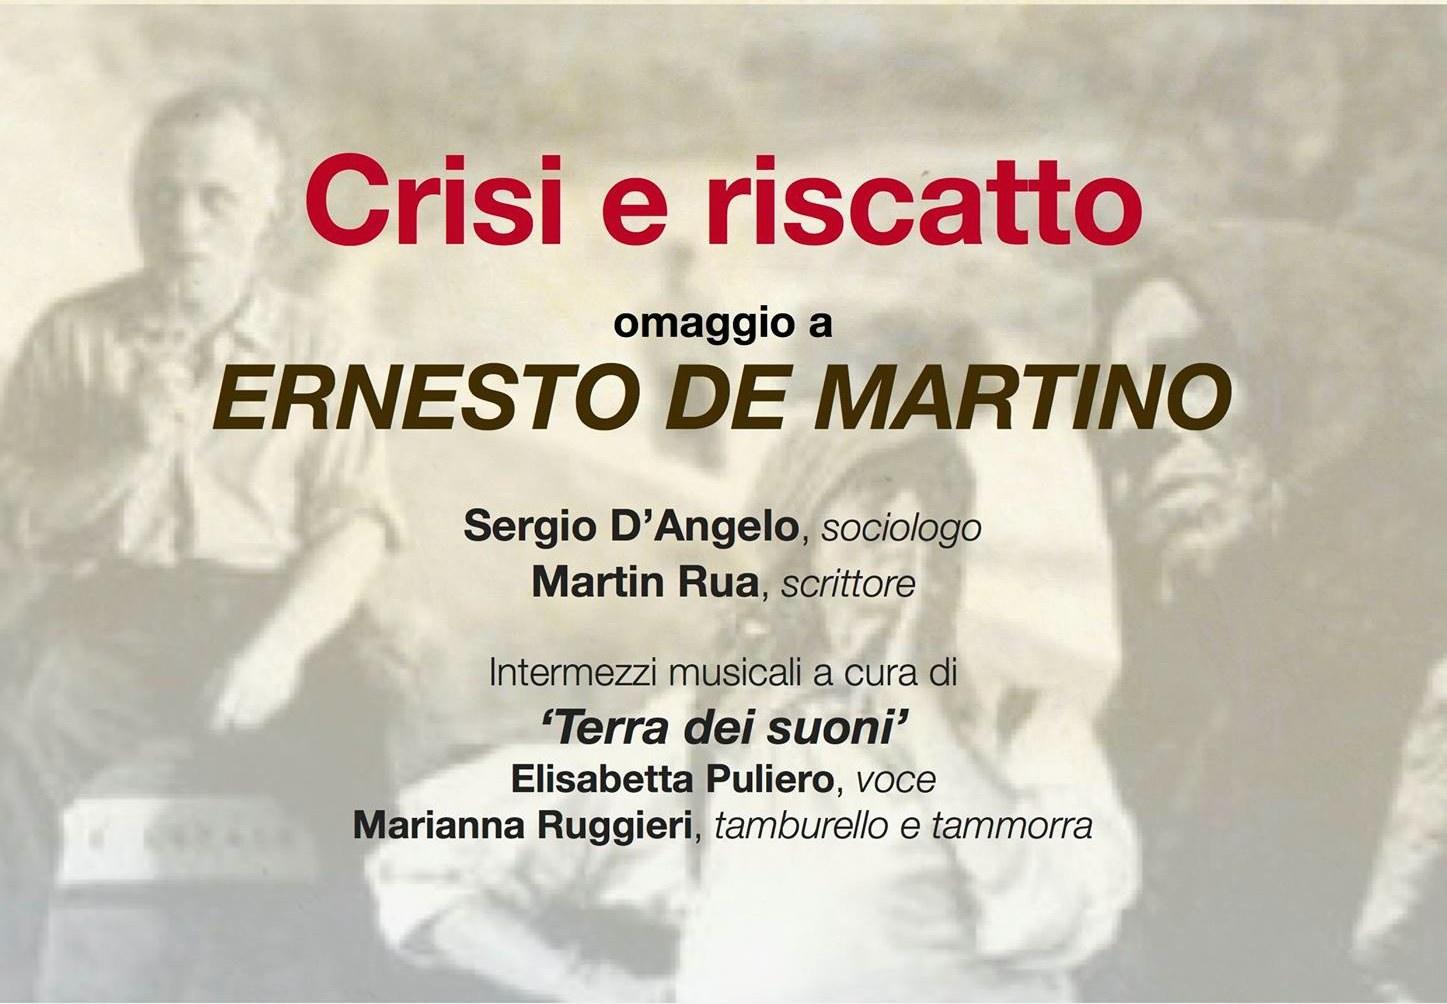 crisi e riscatto